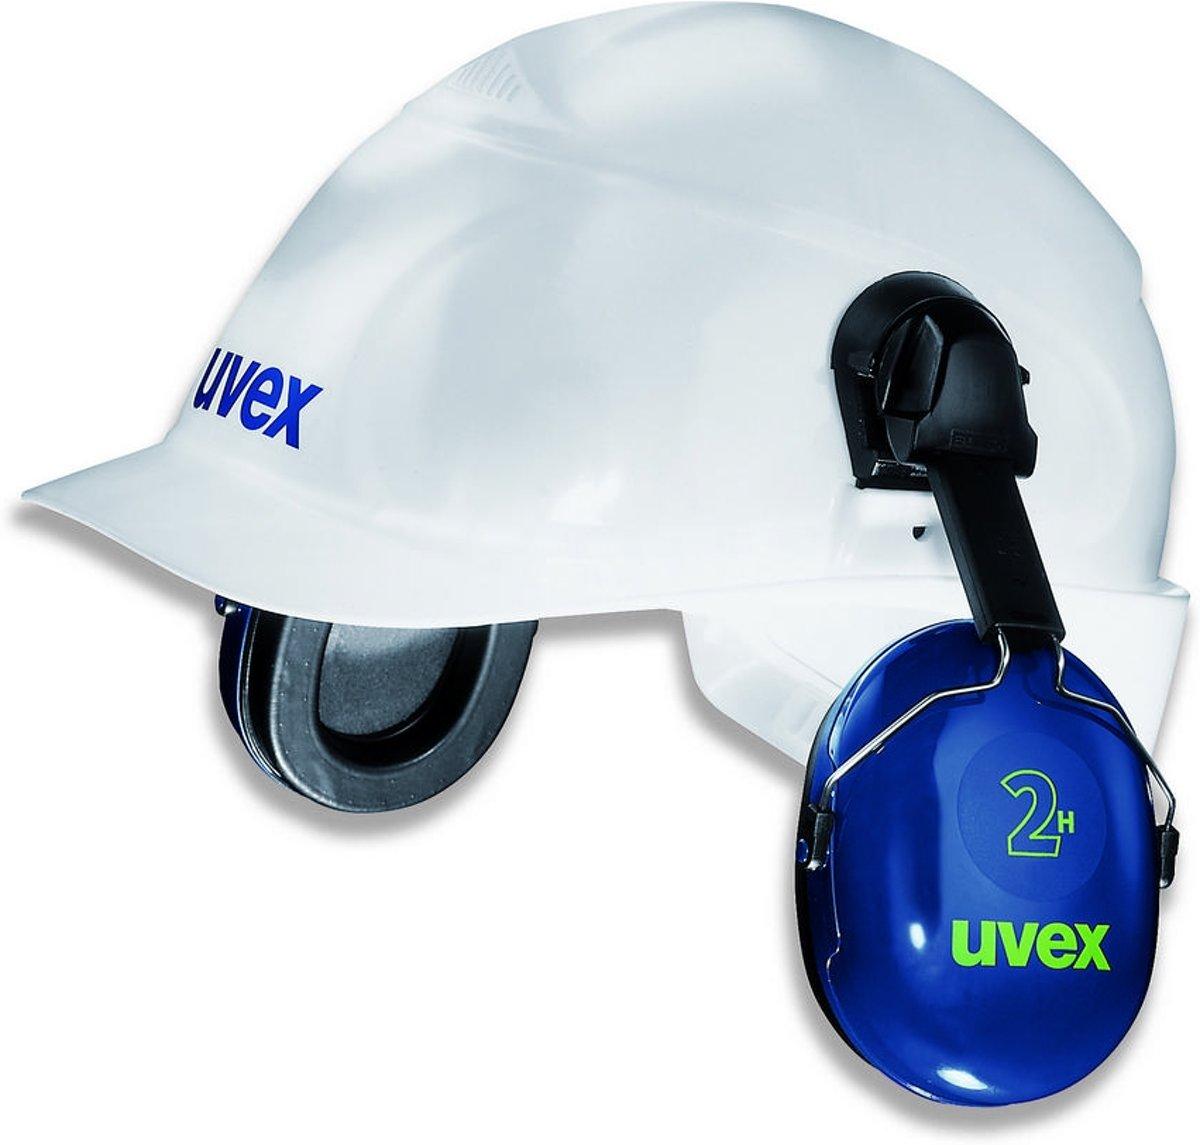 Uvex Gehoorkbescherming blauw 2H kopen